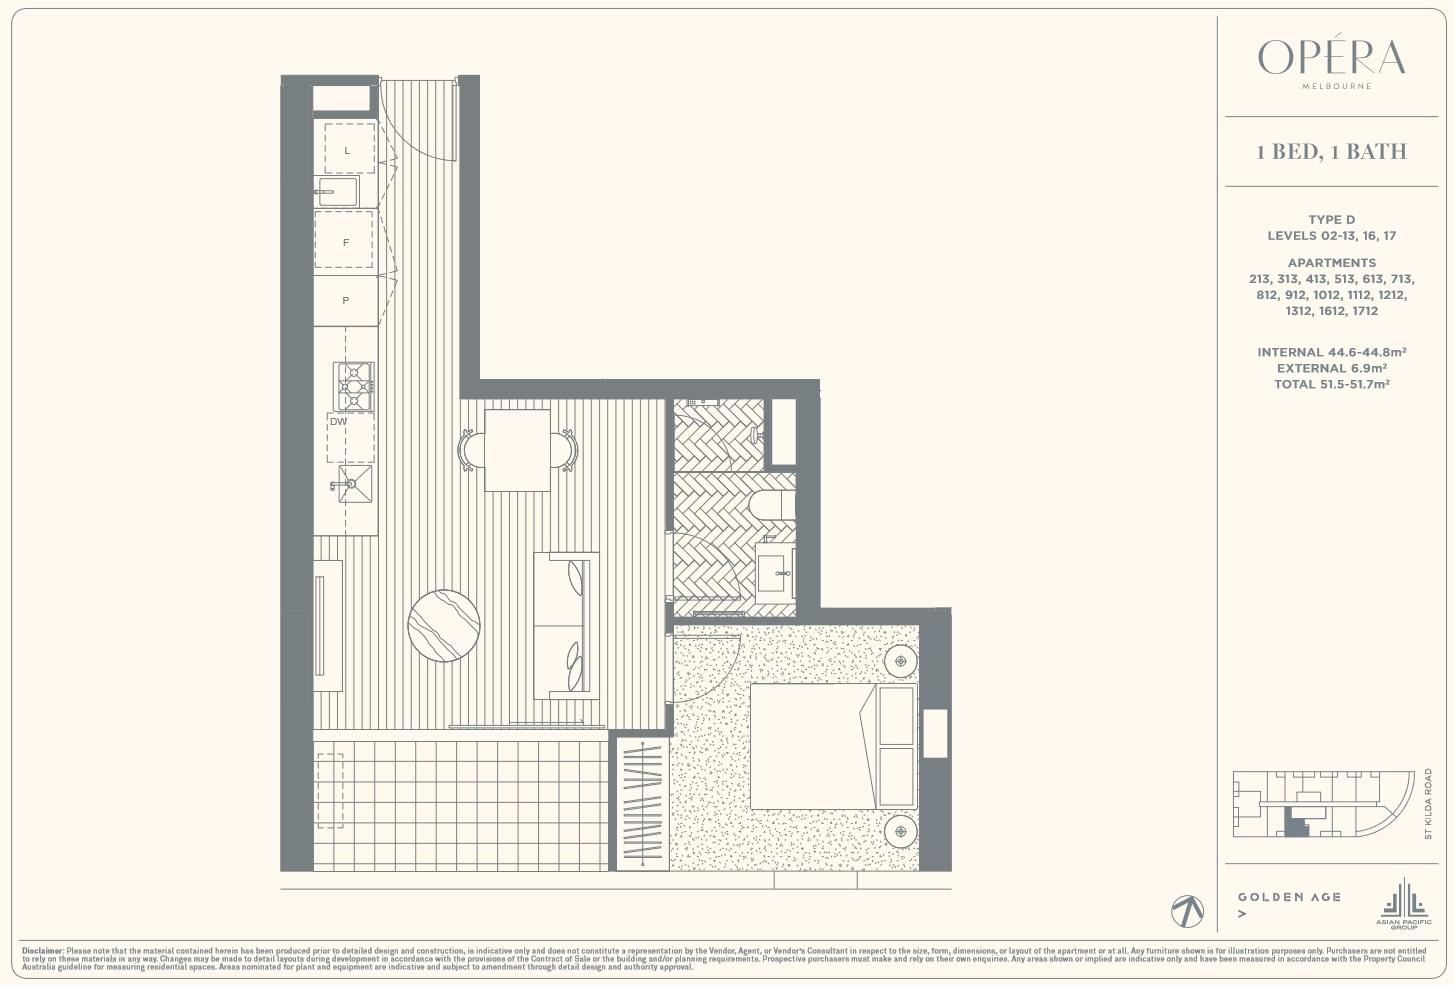 Floor Plan Type D - 1Bed1Bath